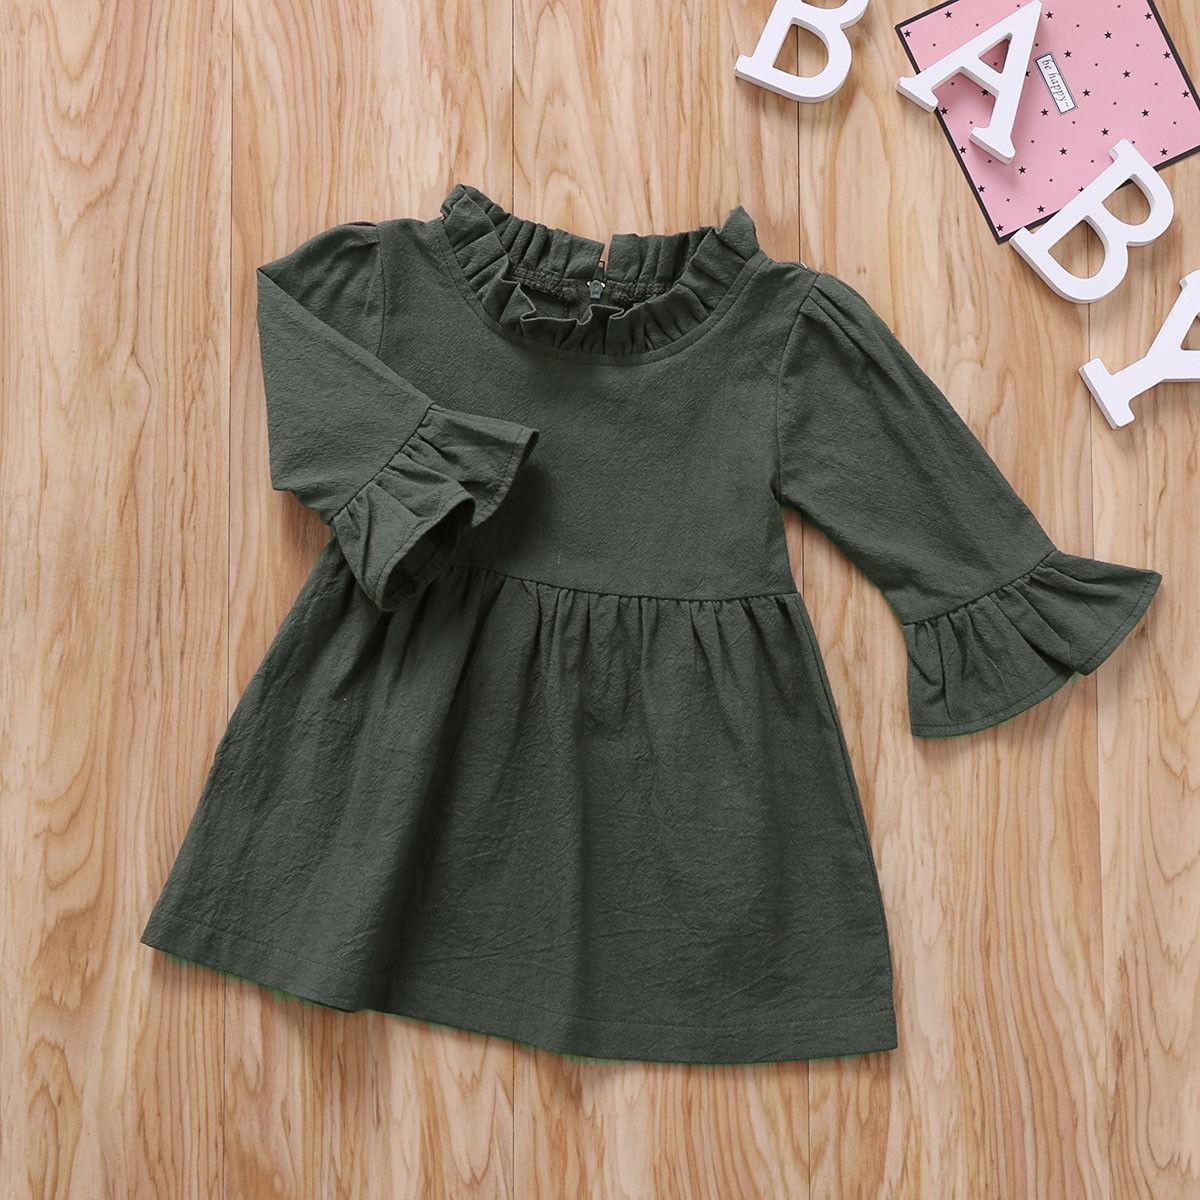 Одежда для маленьких девочек платье с оборками для маленьких девочек летнее праздничное платье пышный сарафан принцессы